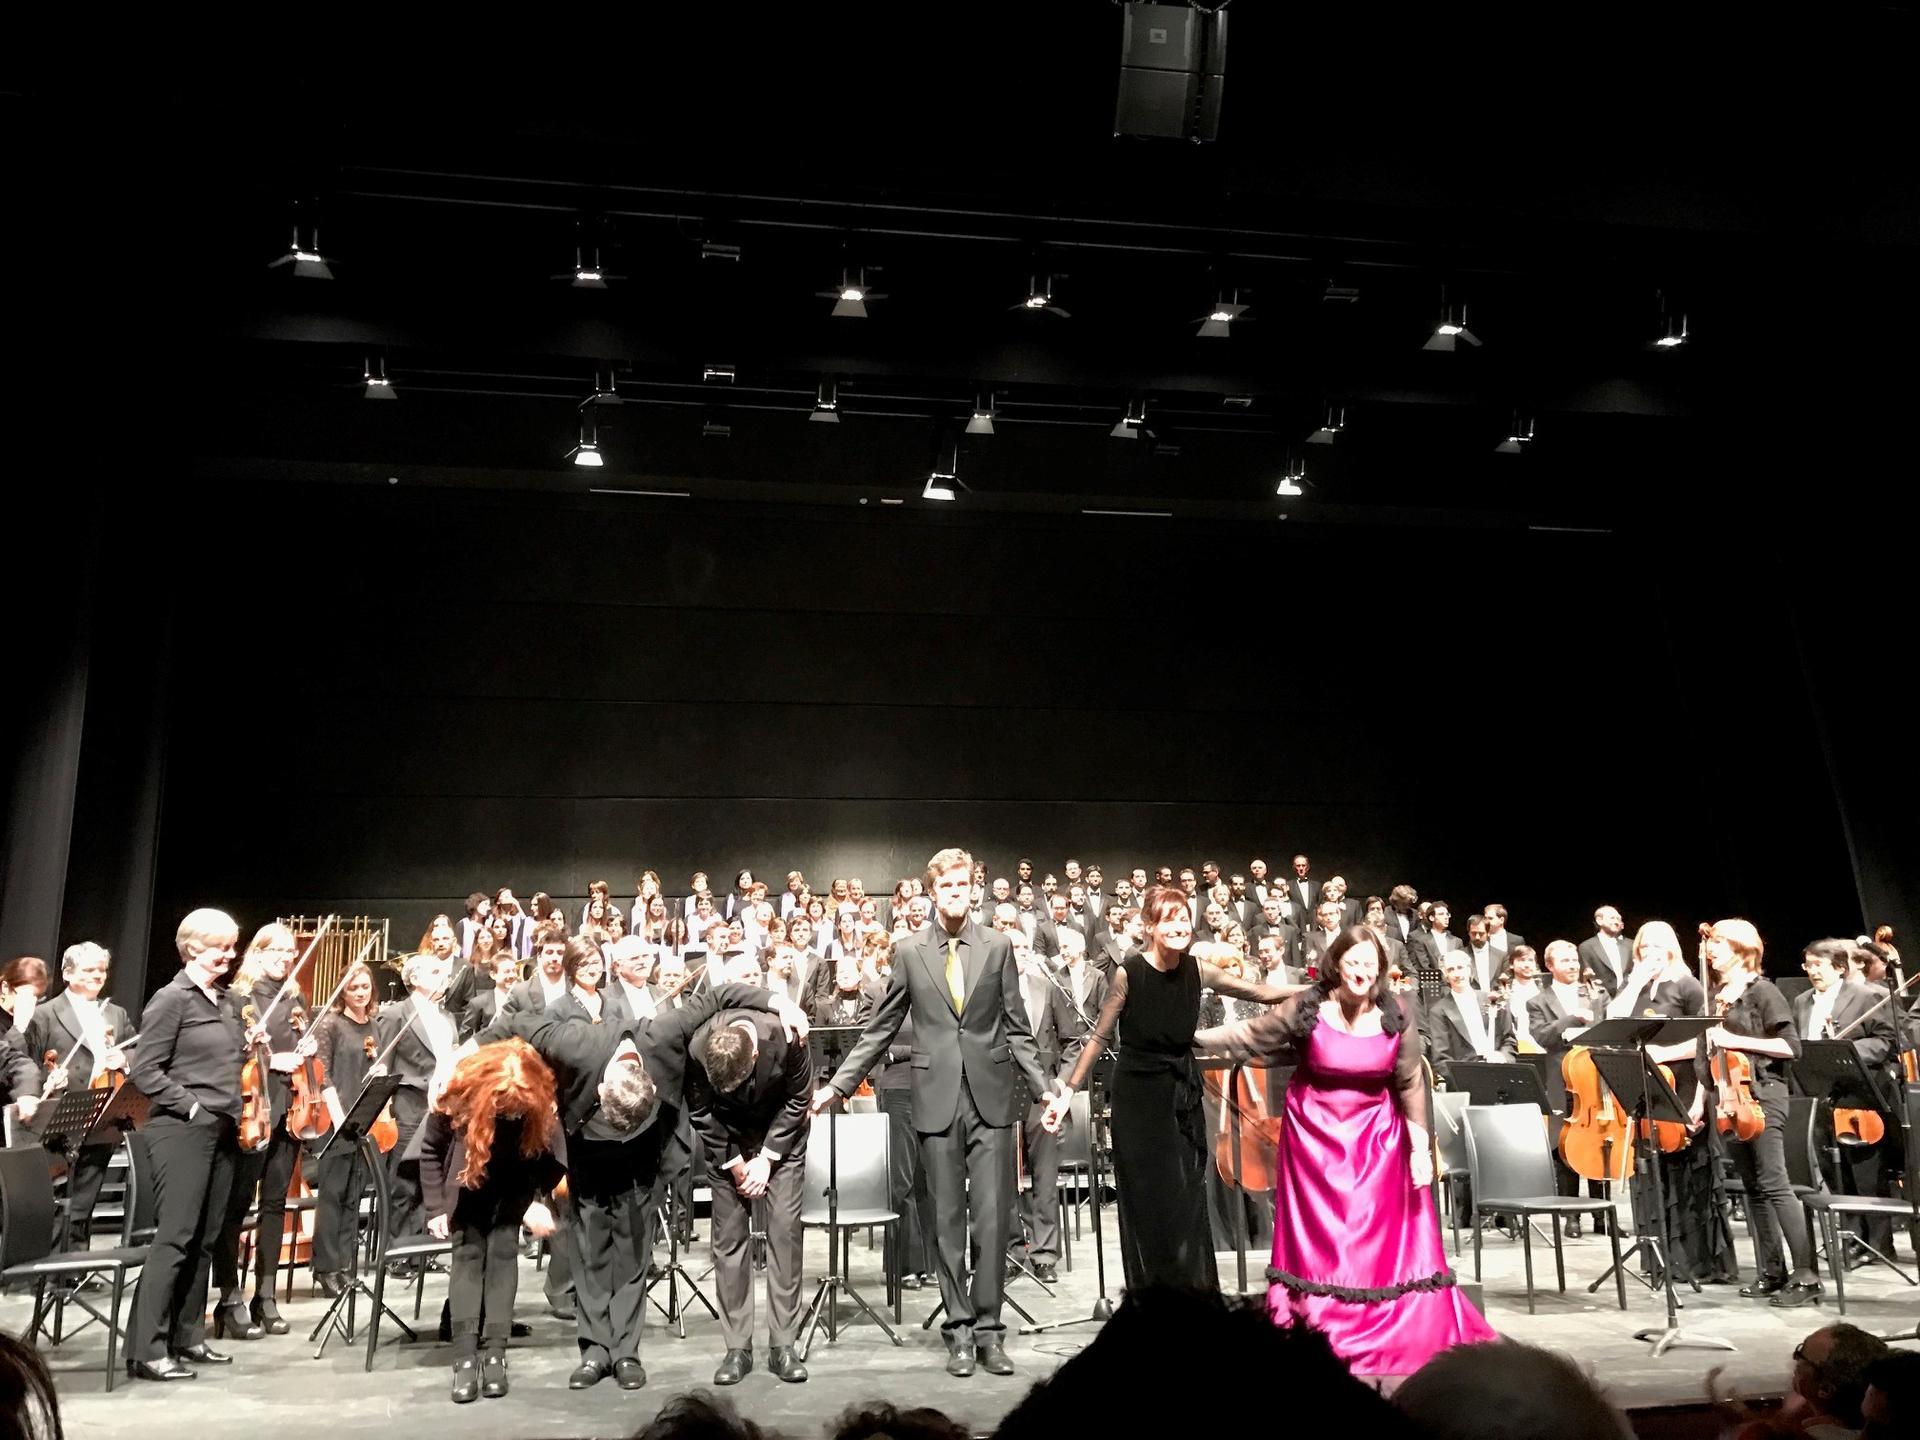 concert Randa Mallorca-01